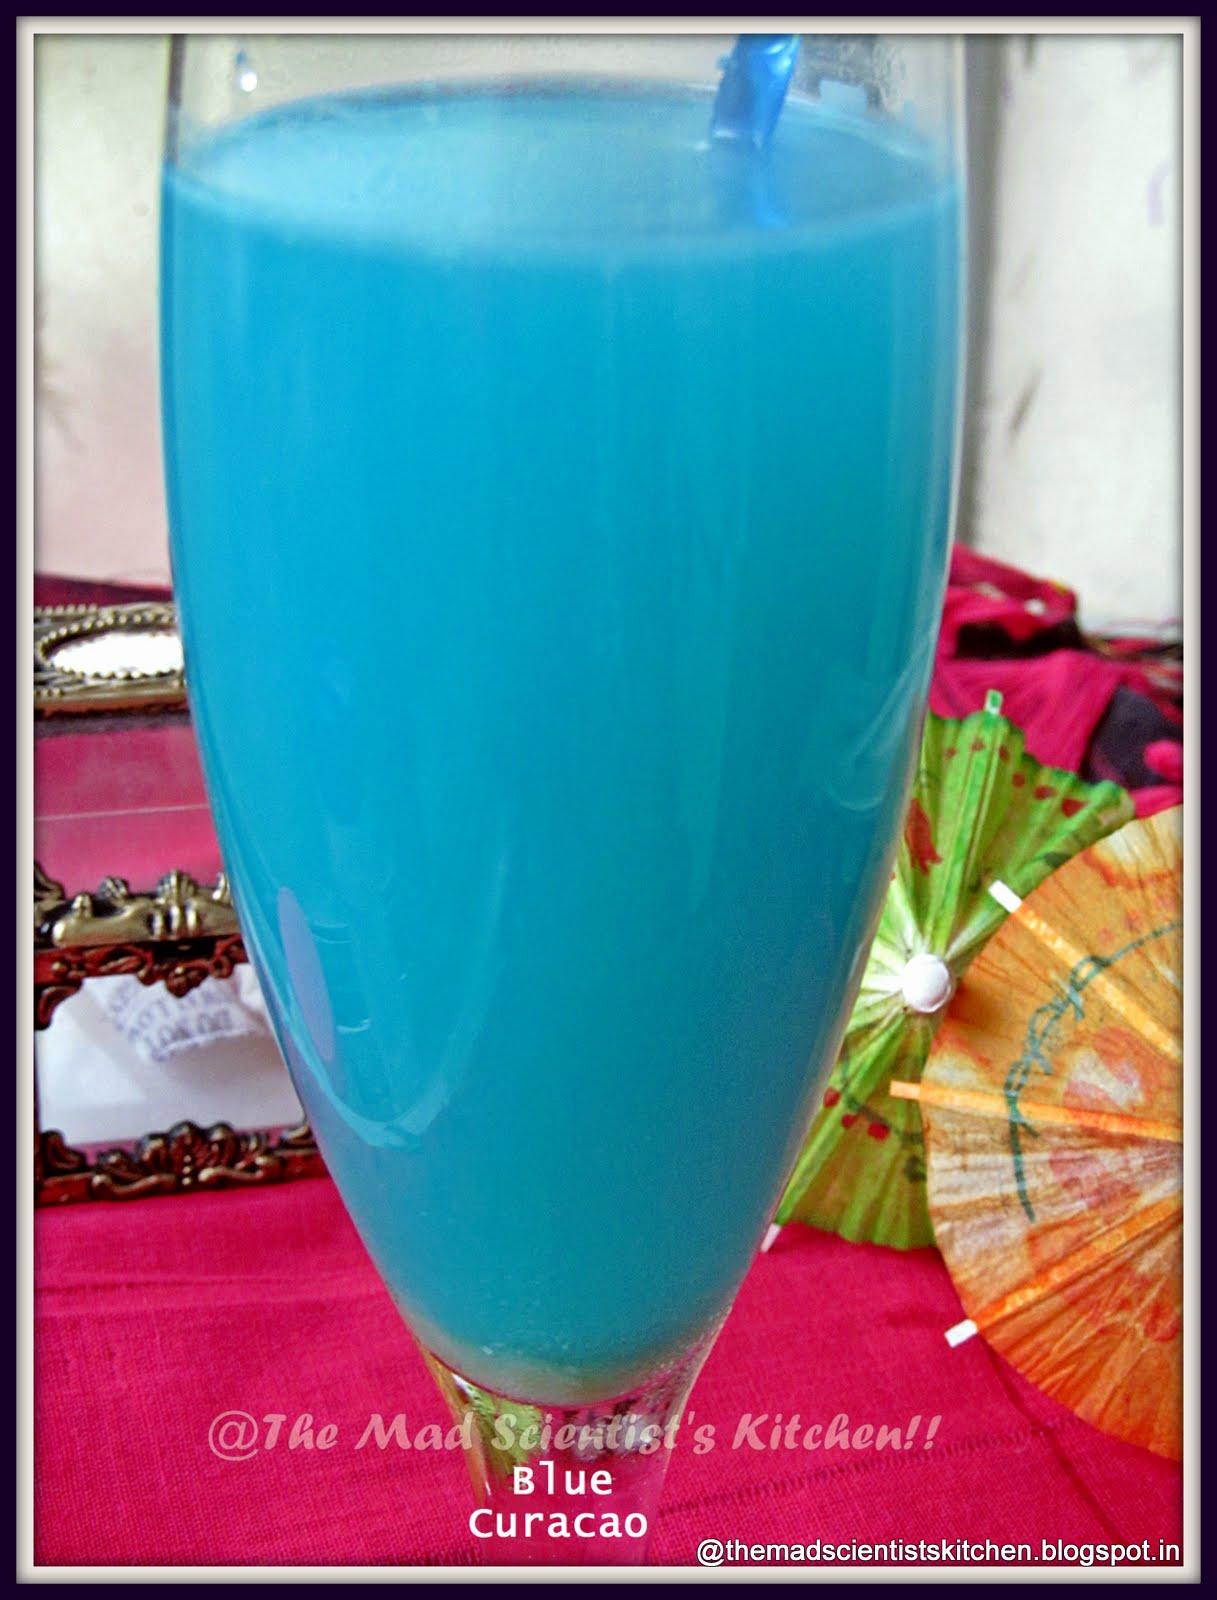 Blue Curacao and Eggless Lemon Curd